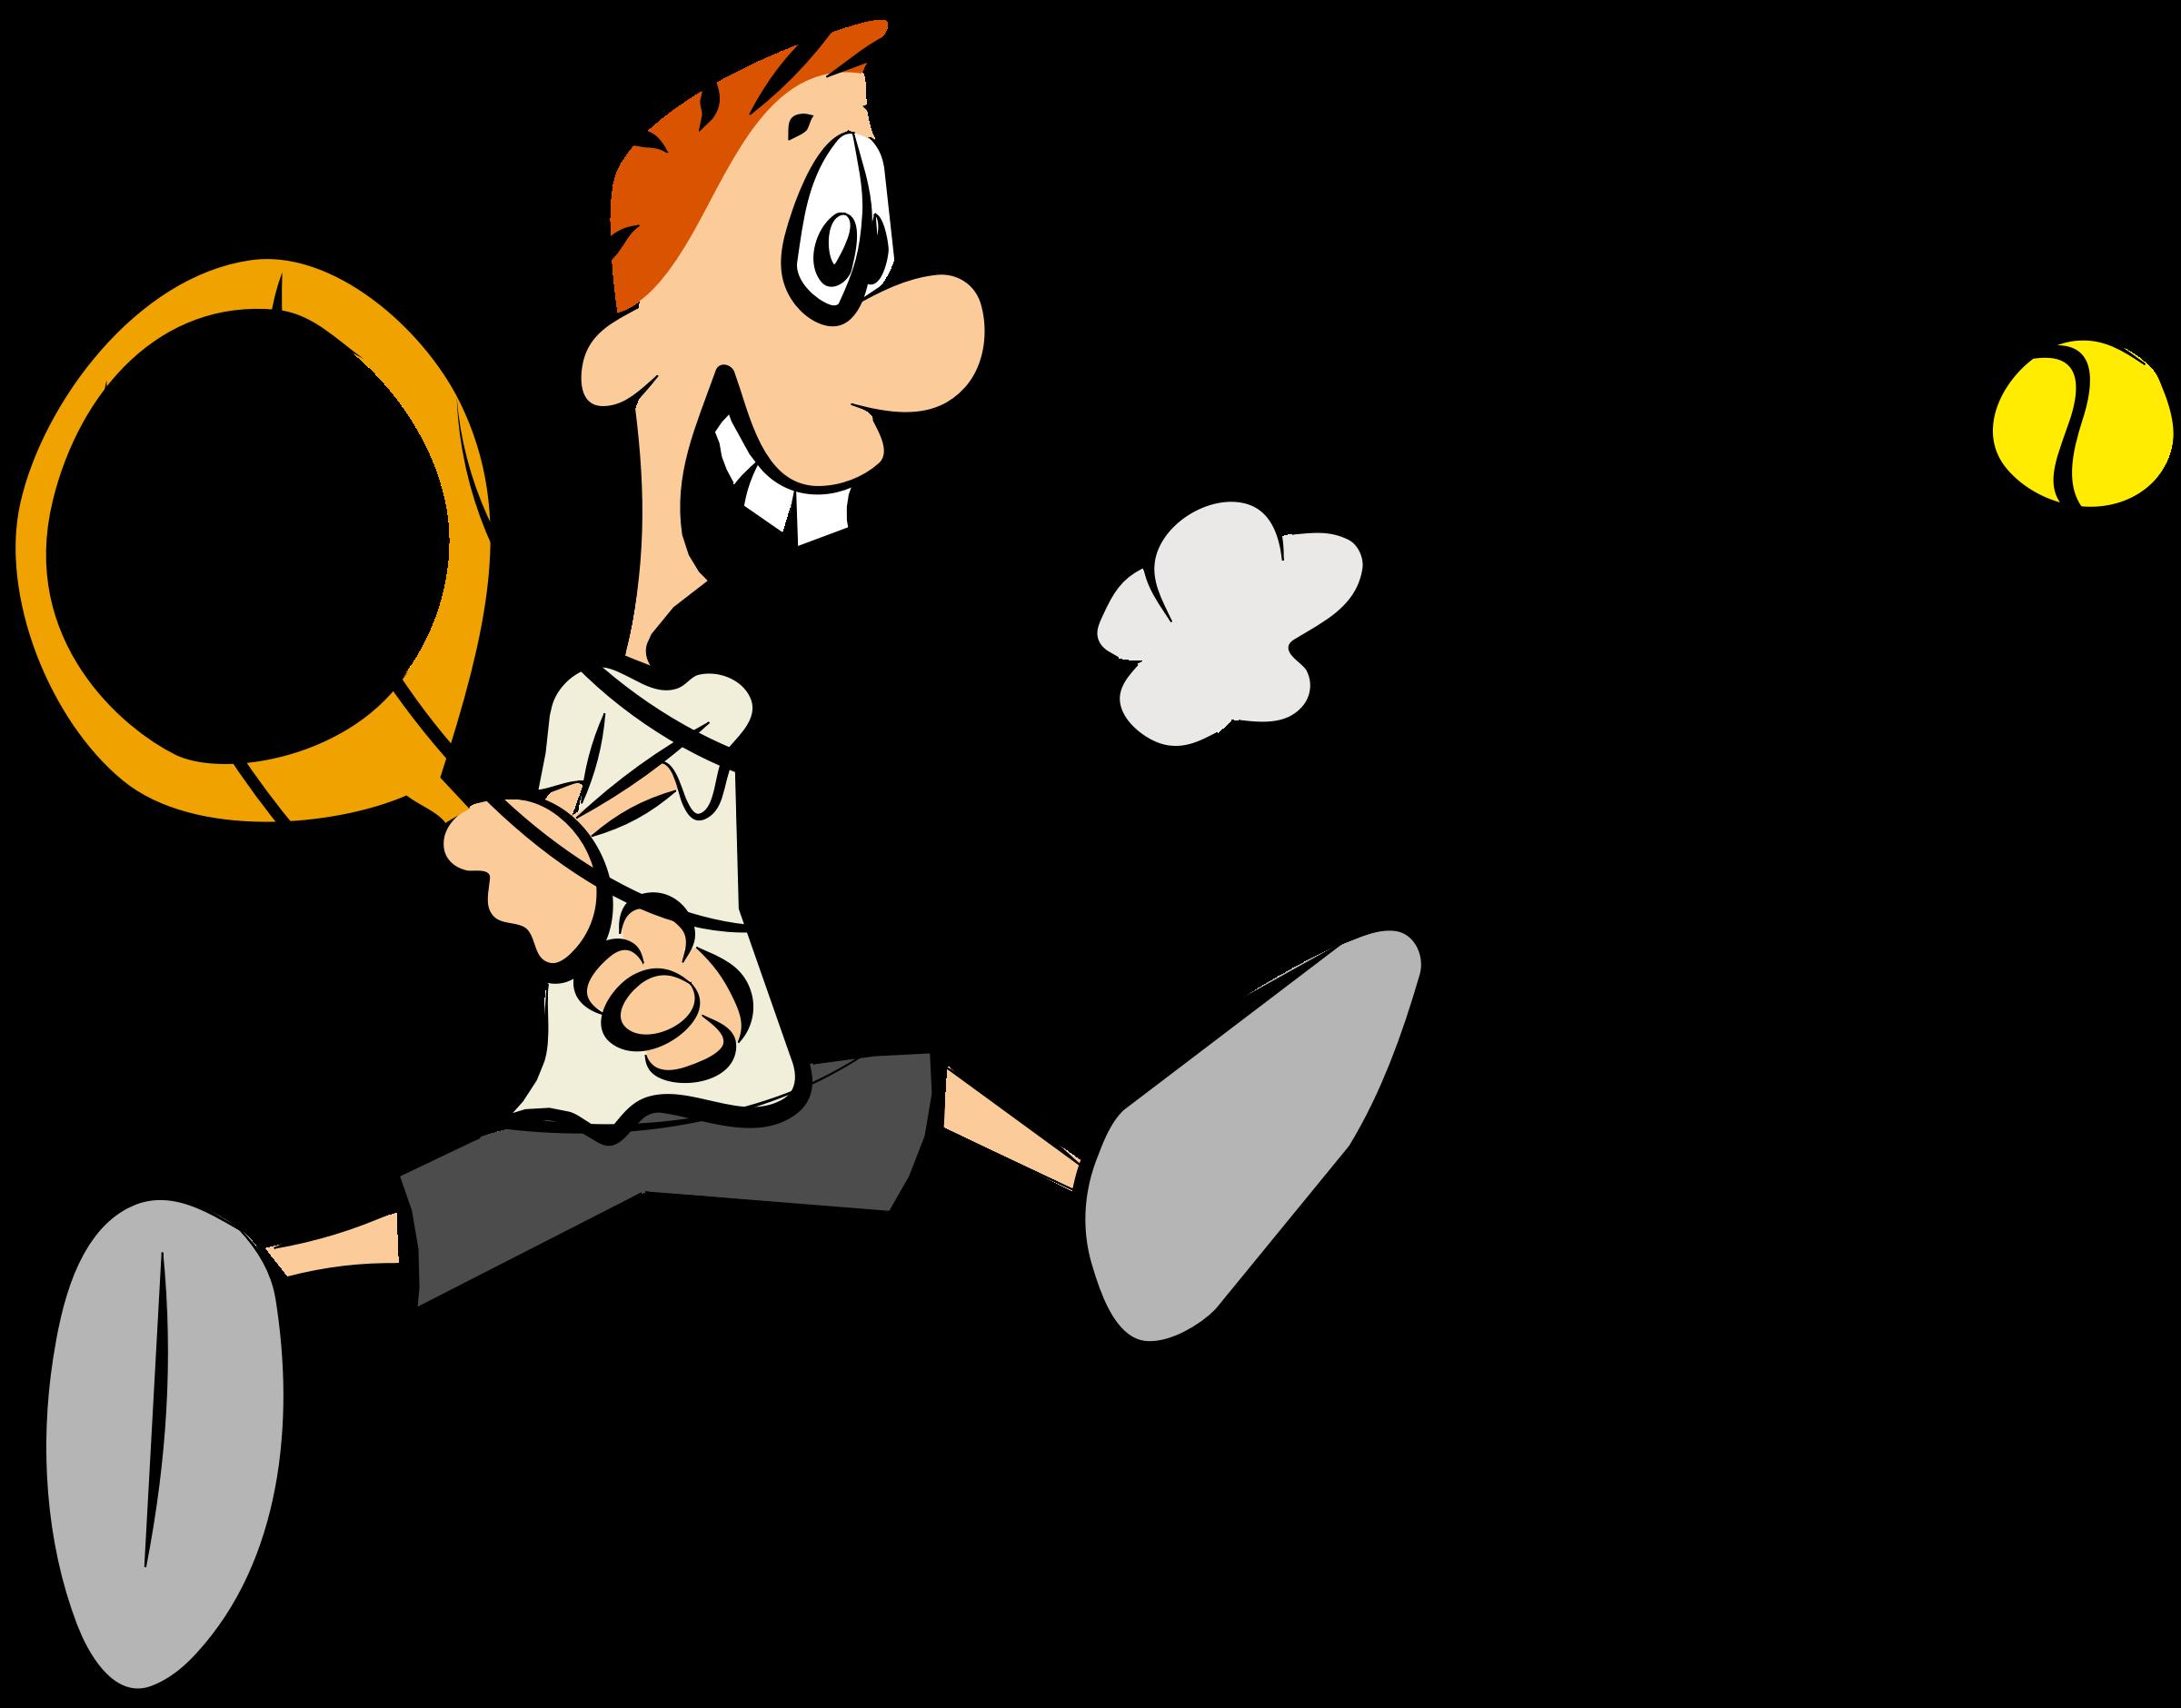 Cartoon Tennis Player By Samtux Cartoon Tennis Player On Openclipart Tennis Players Tennis Player Card